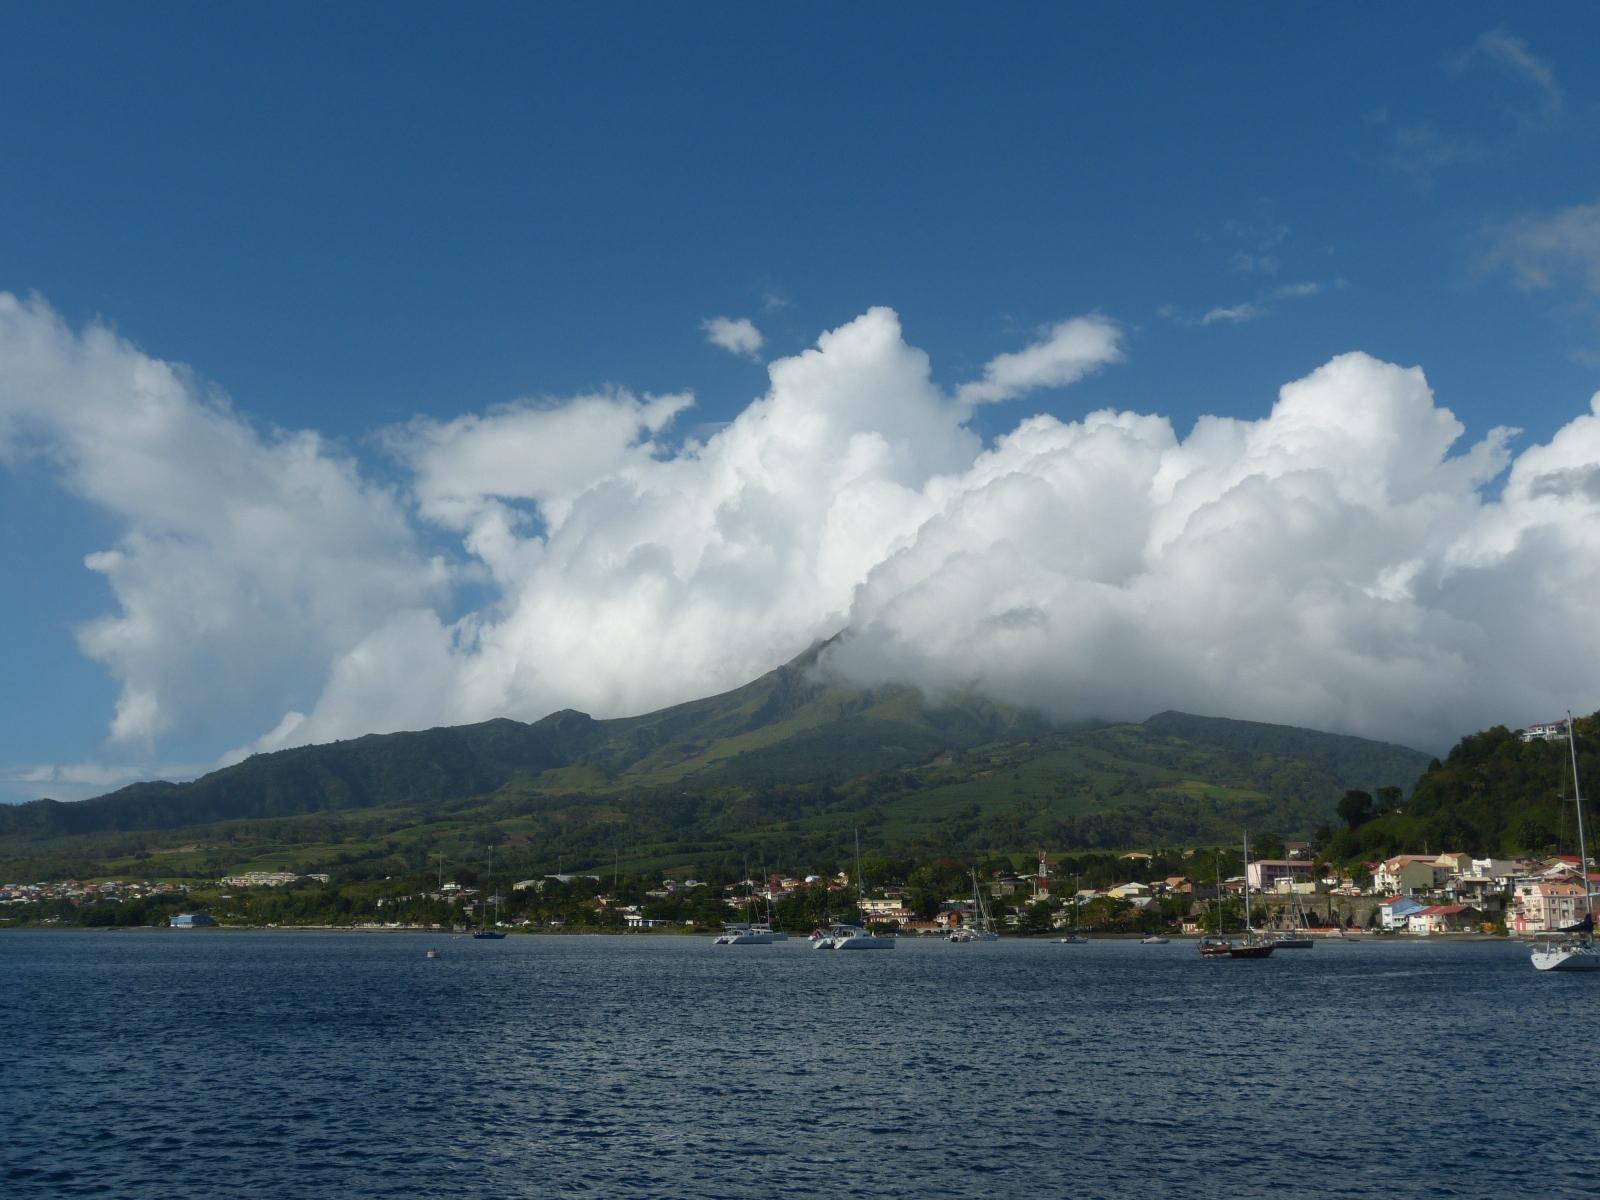 הר הגעש פלה ולמרגלותיו העיירה סנט פייר